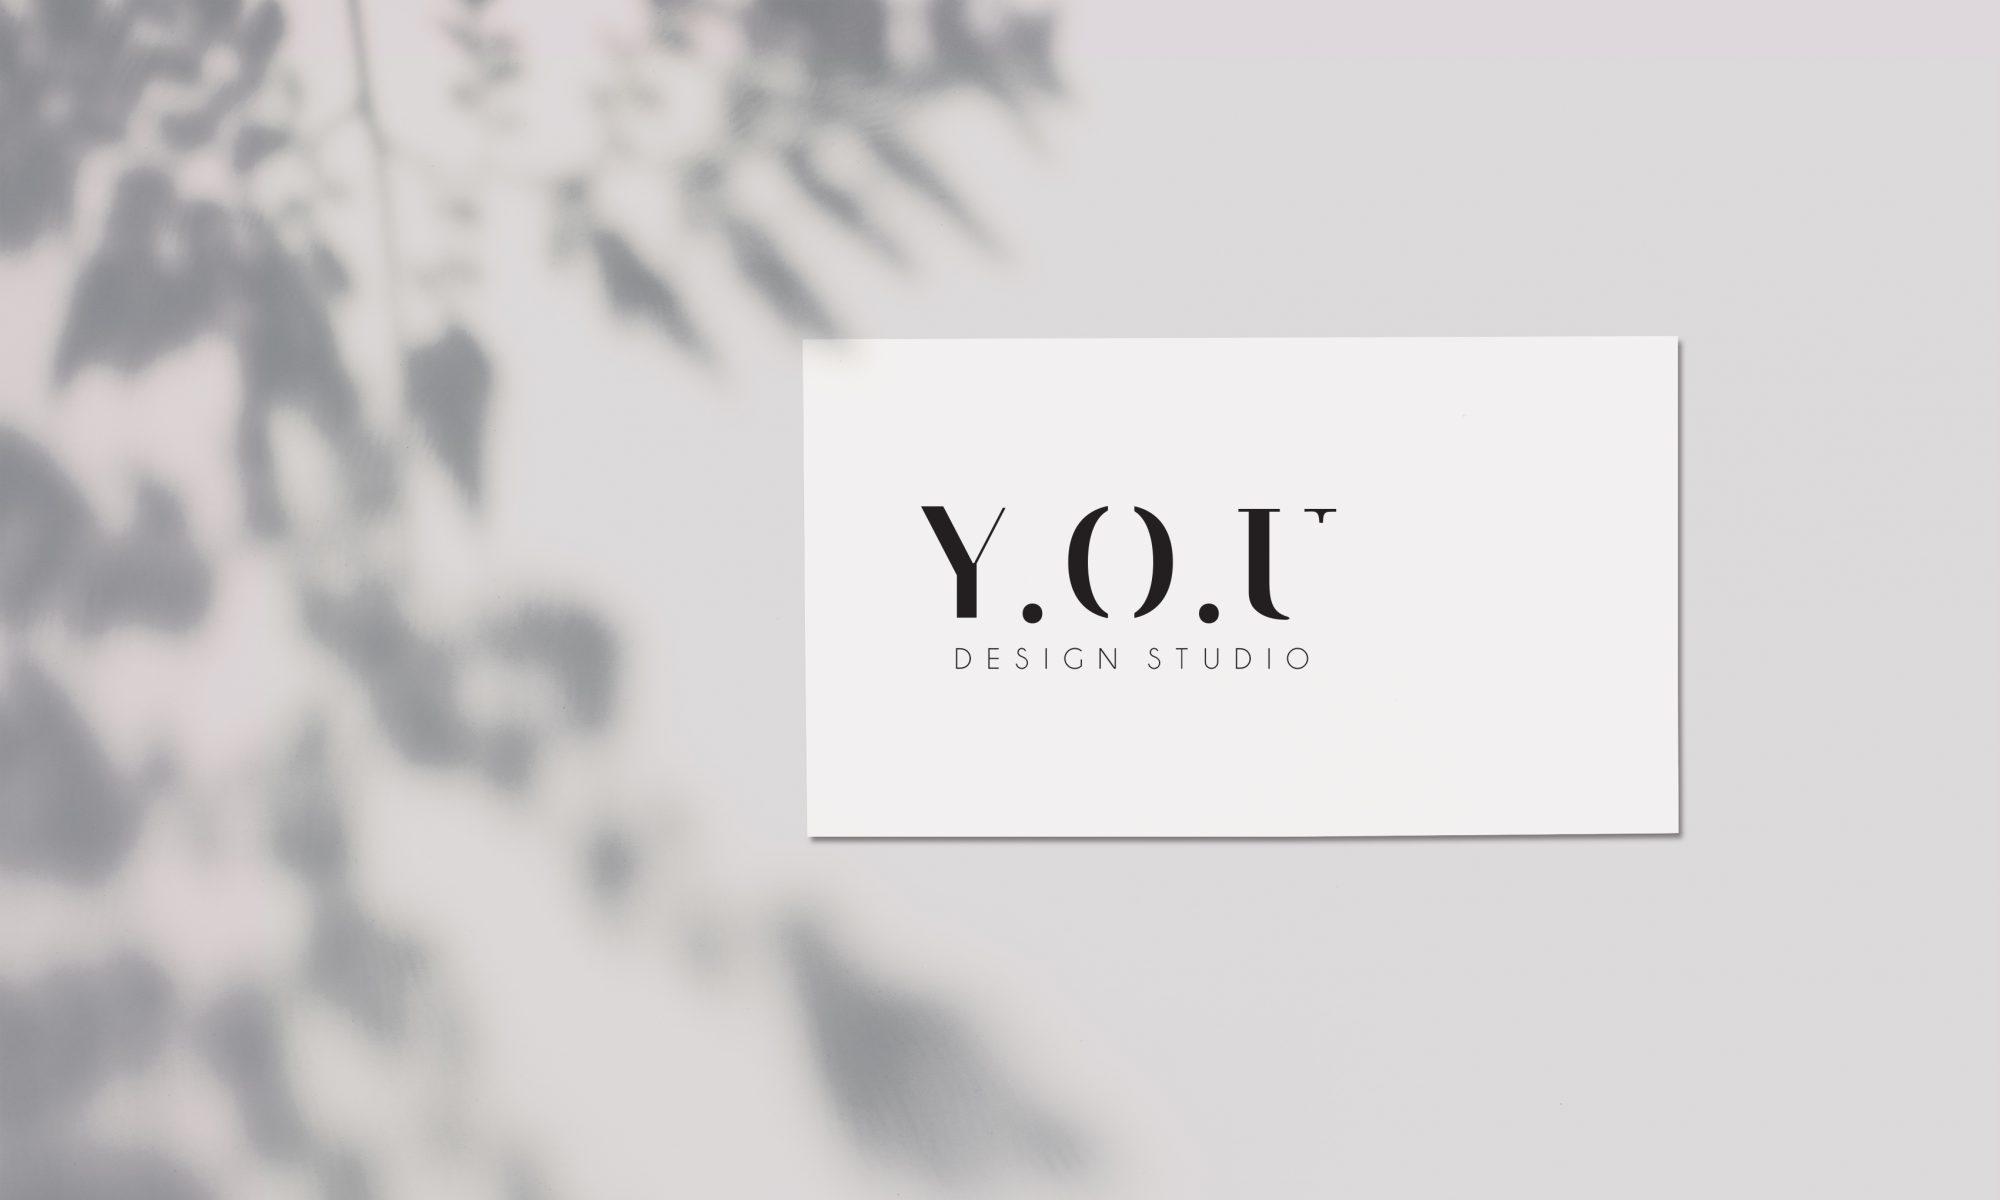 You Design Studio